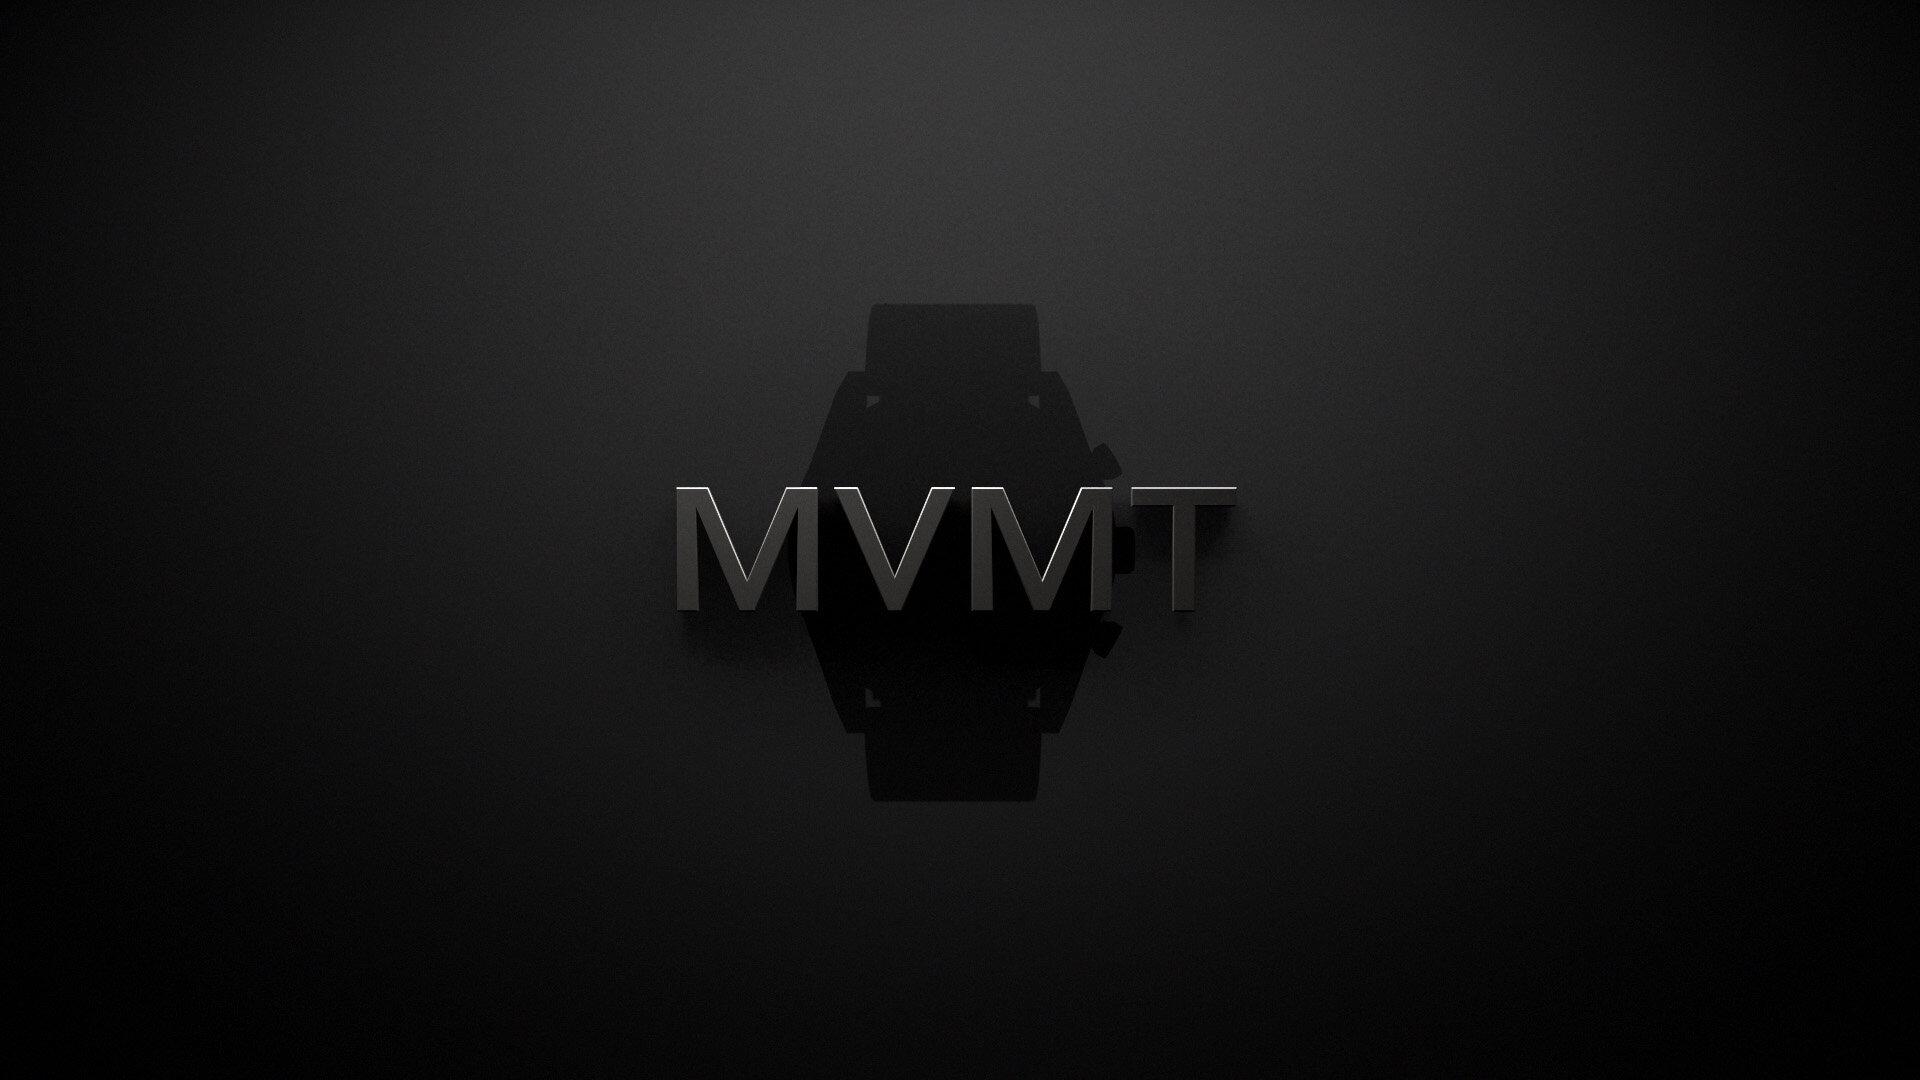 MVMT_Black_Red_13.jpg